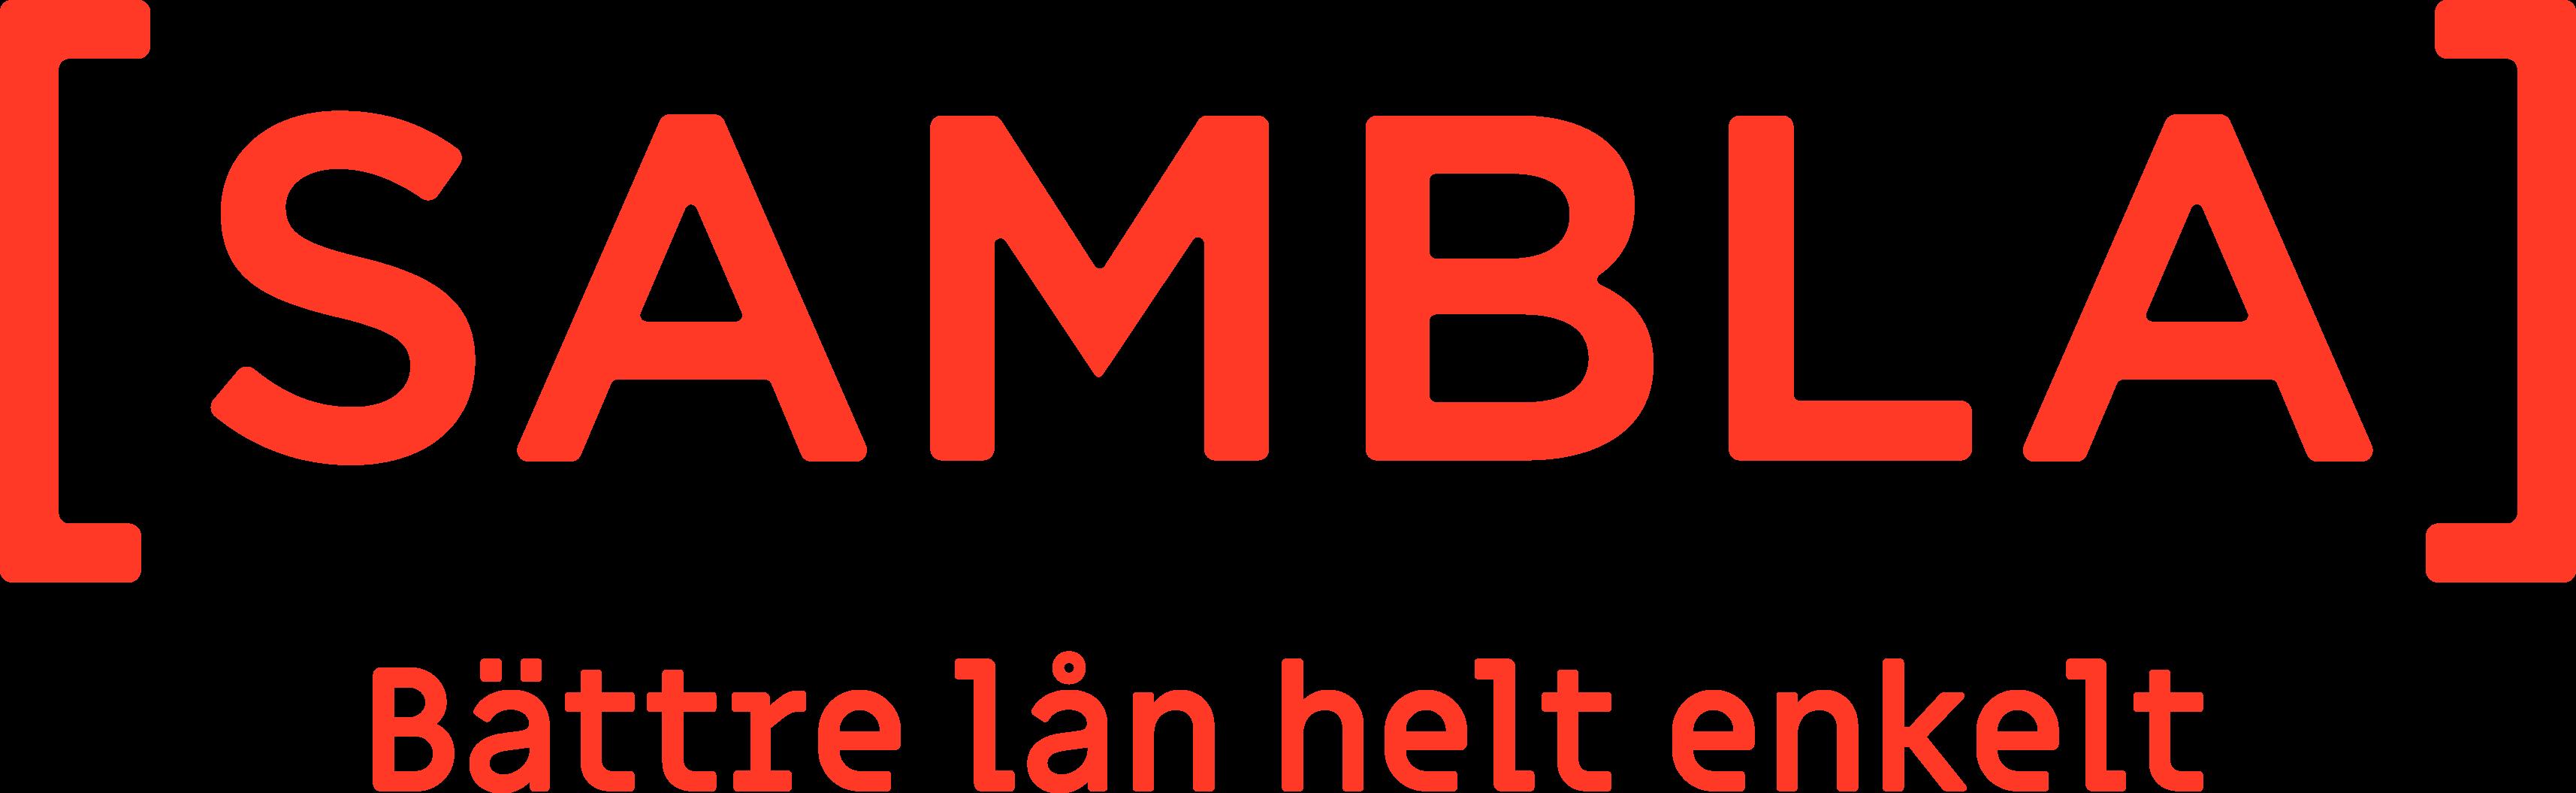 Sambla_logotyp_tagline_RGB